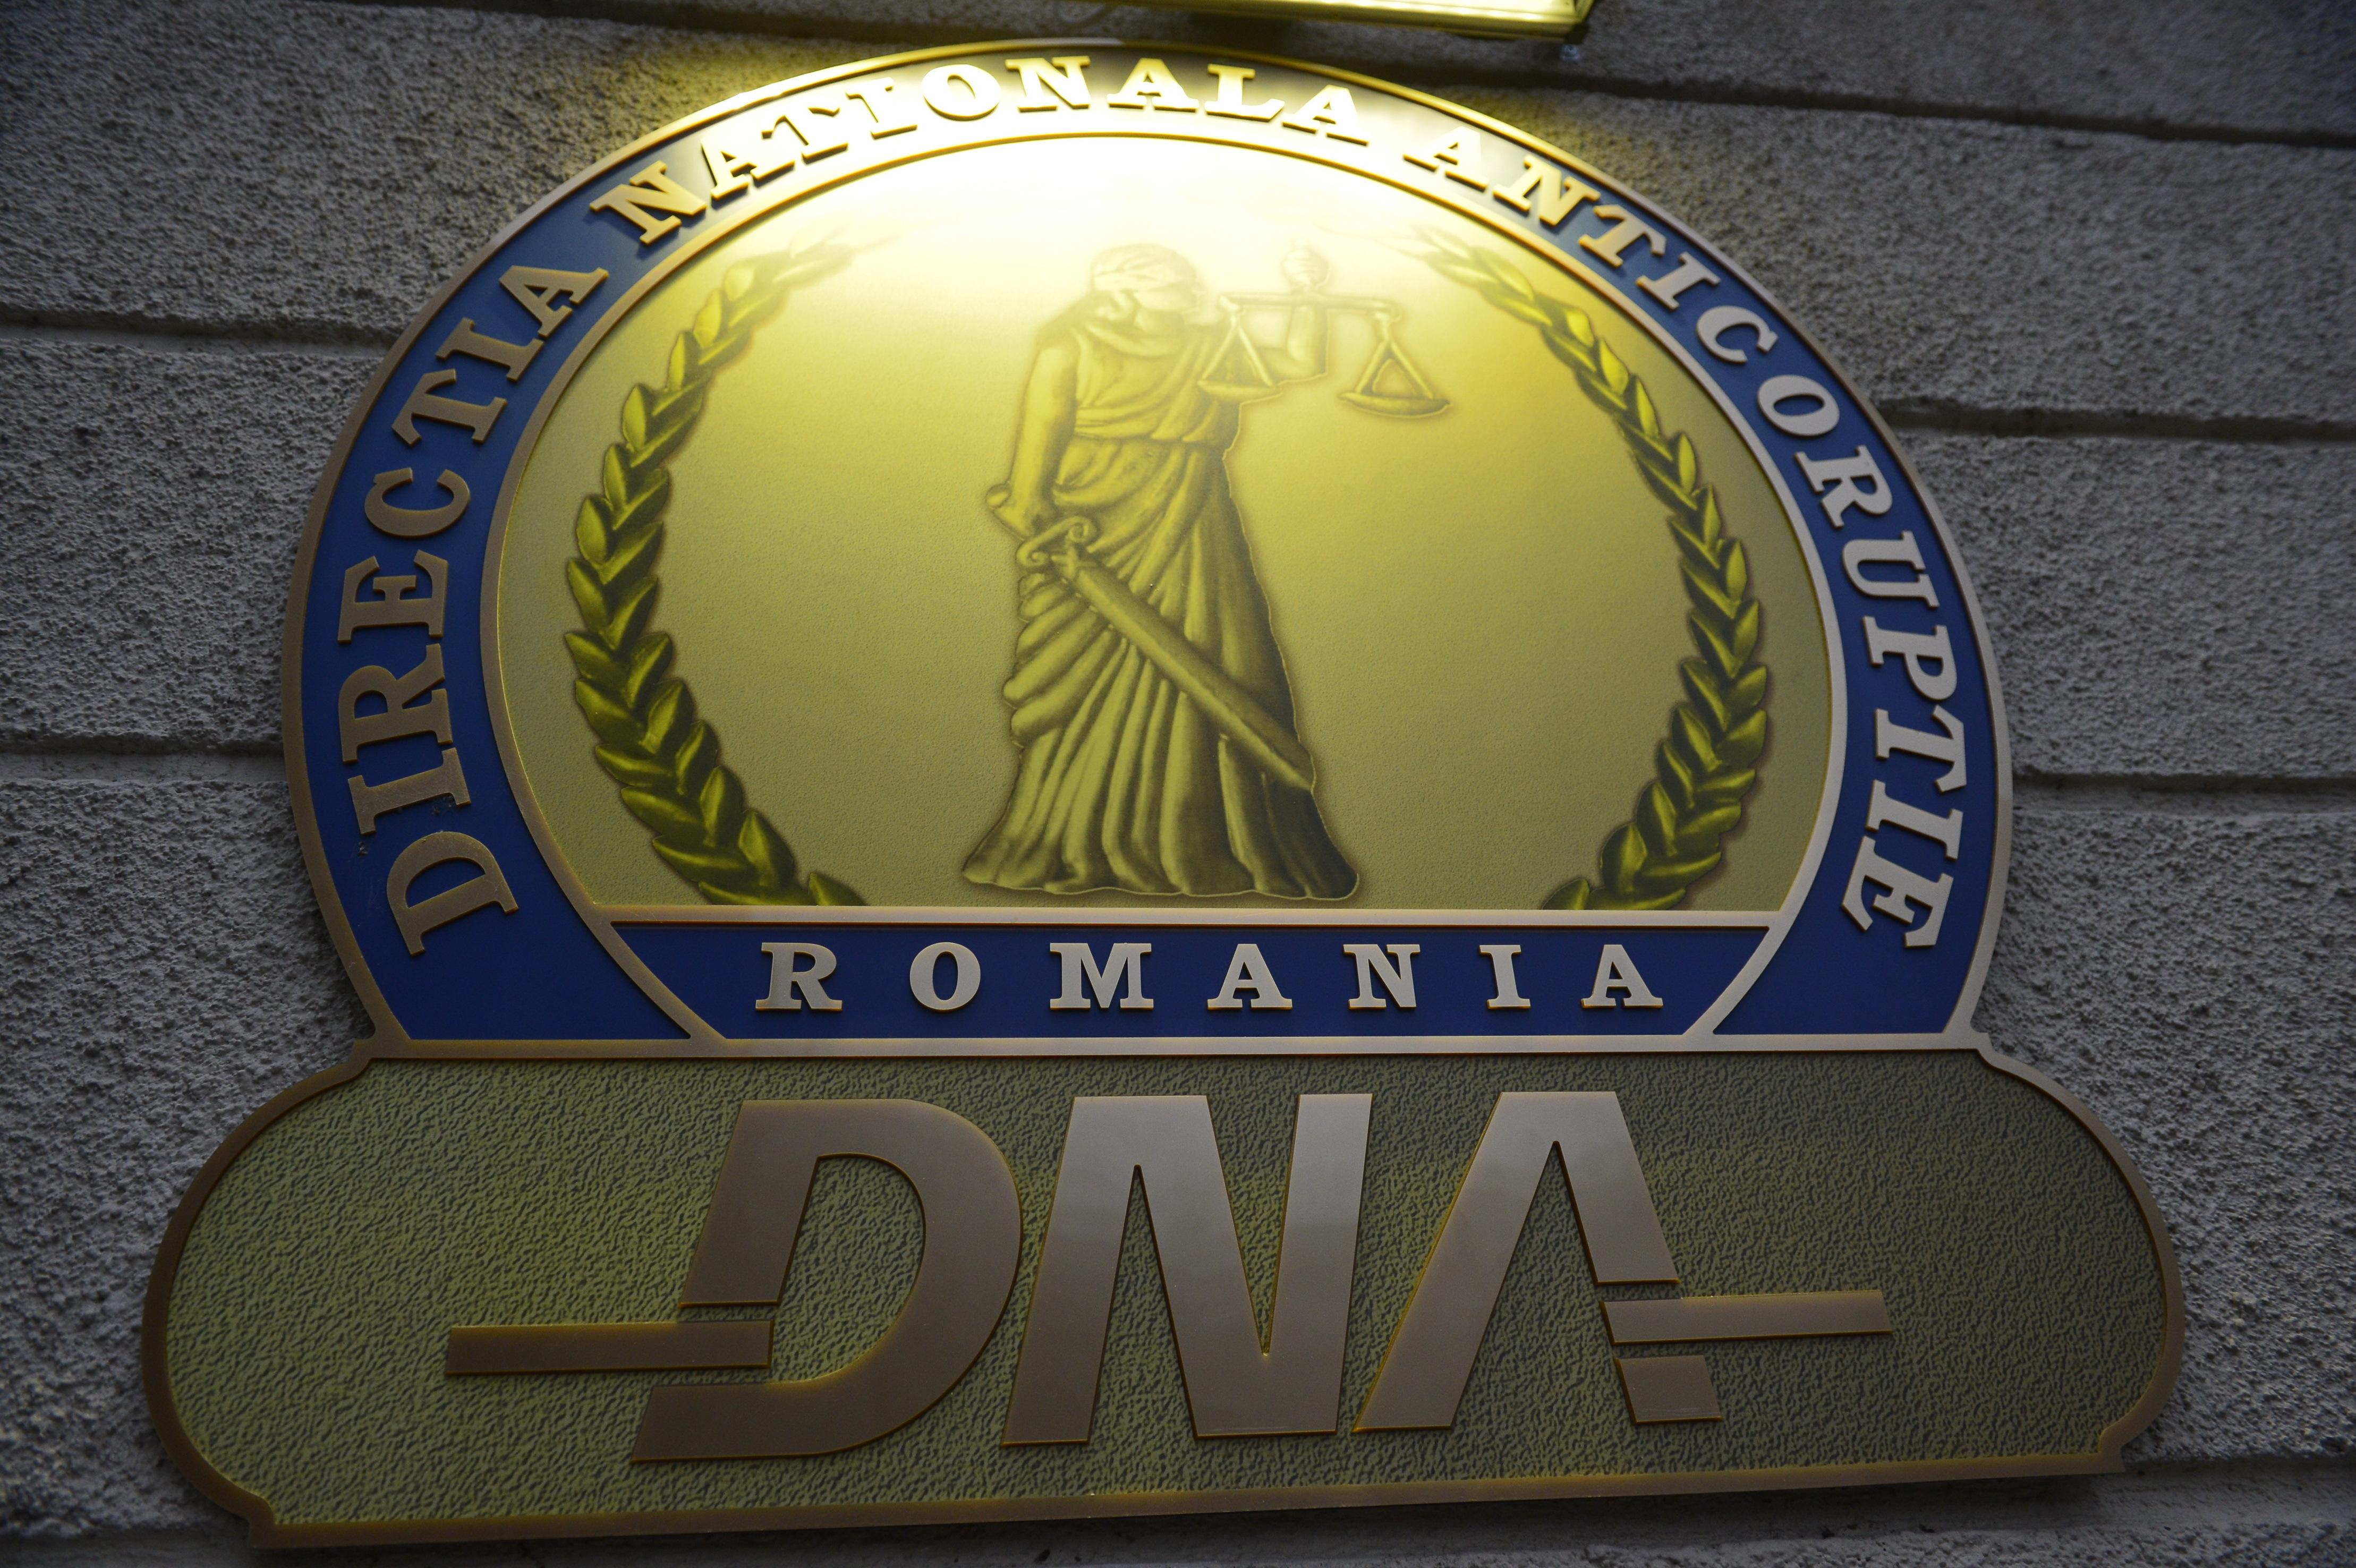 Concluziile Inspecţiei Judiciare în urma controlului la DNA, redactate vineri. Urmează avizarea şi trimiterea la CSM